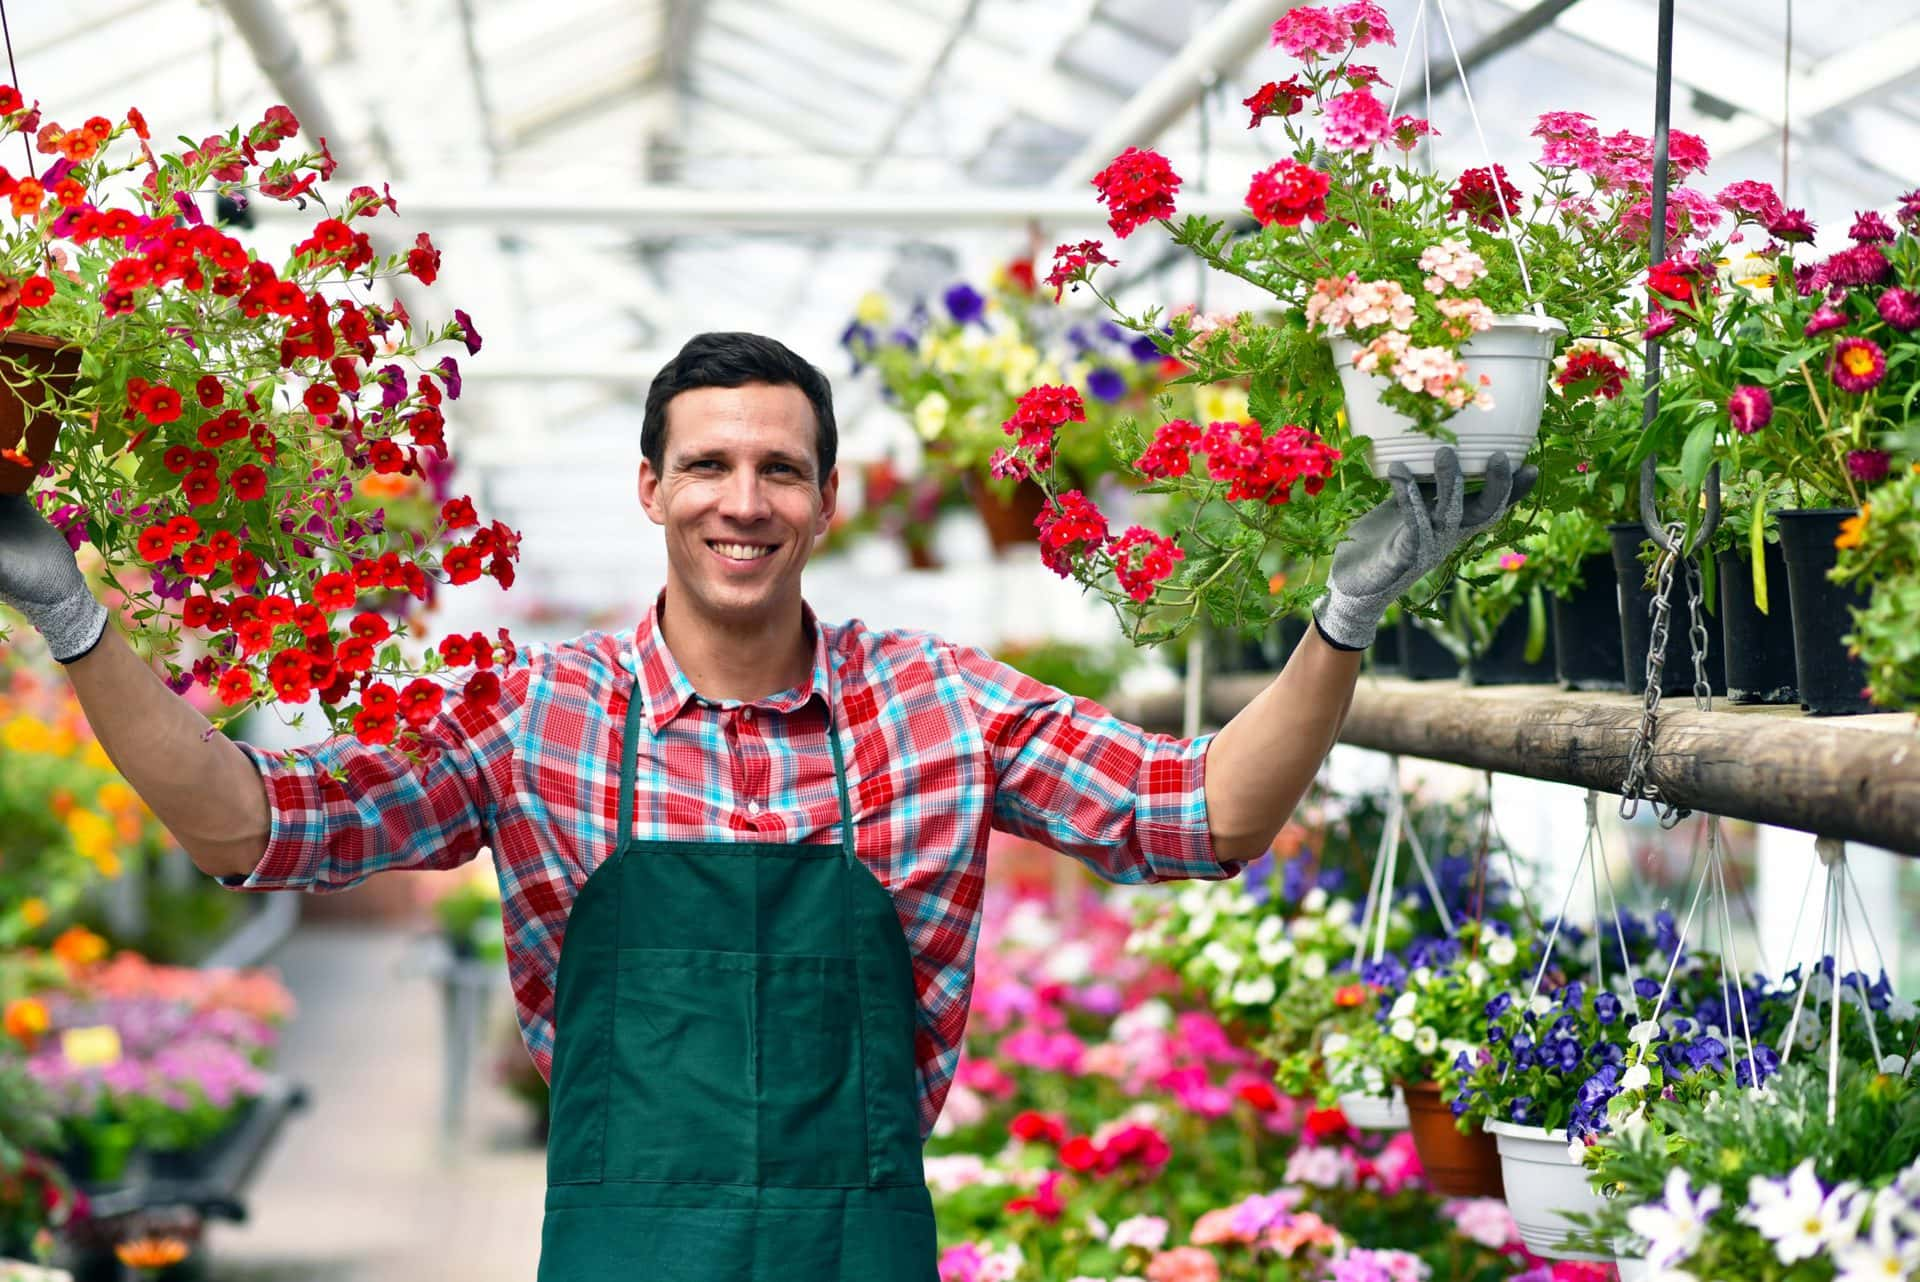 Weitere Lockerungen in Bayern ab 1. März Ab Montag öffnen neben Friseurläden auch Baumärkte, Musikschulen und Fußpflege wieder